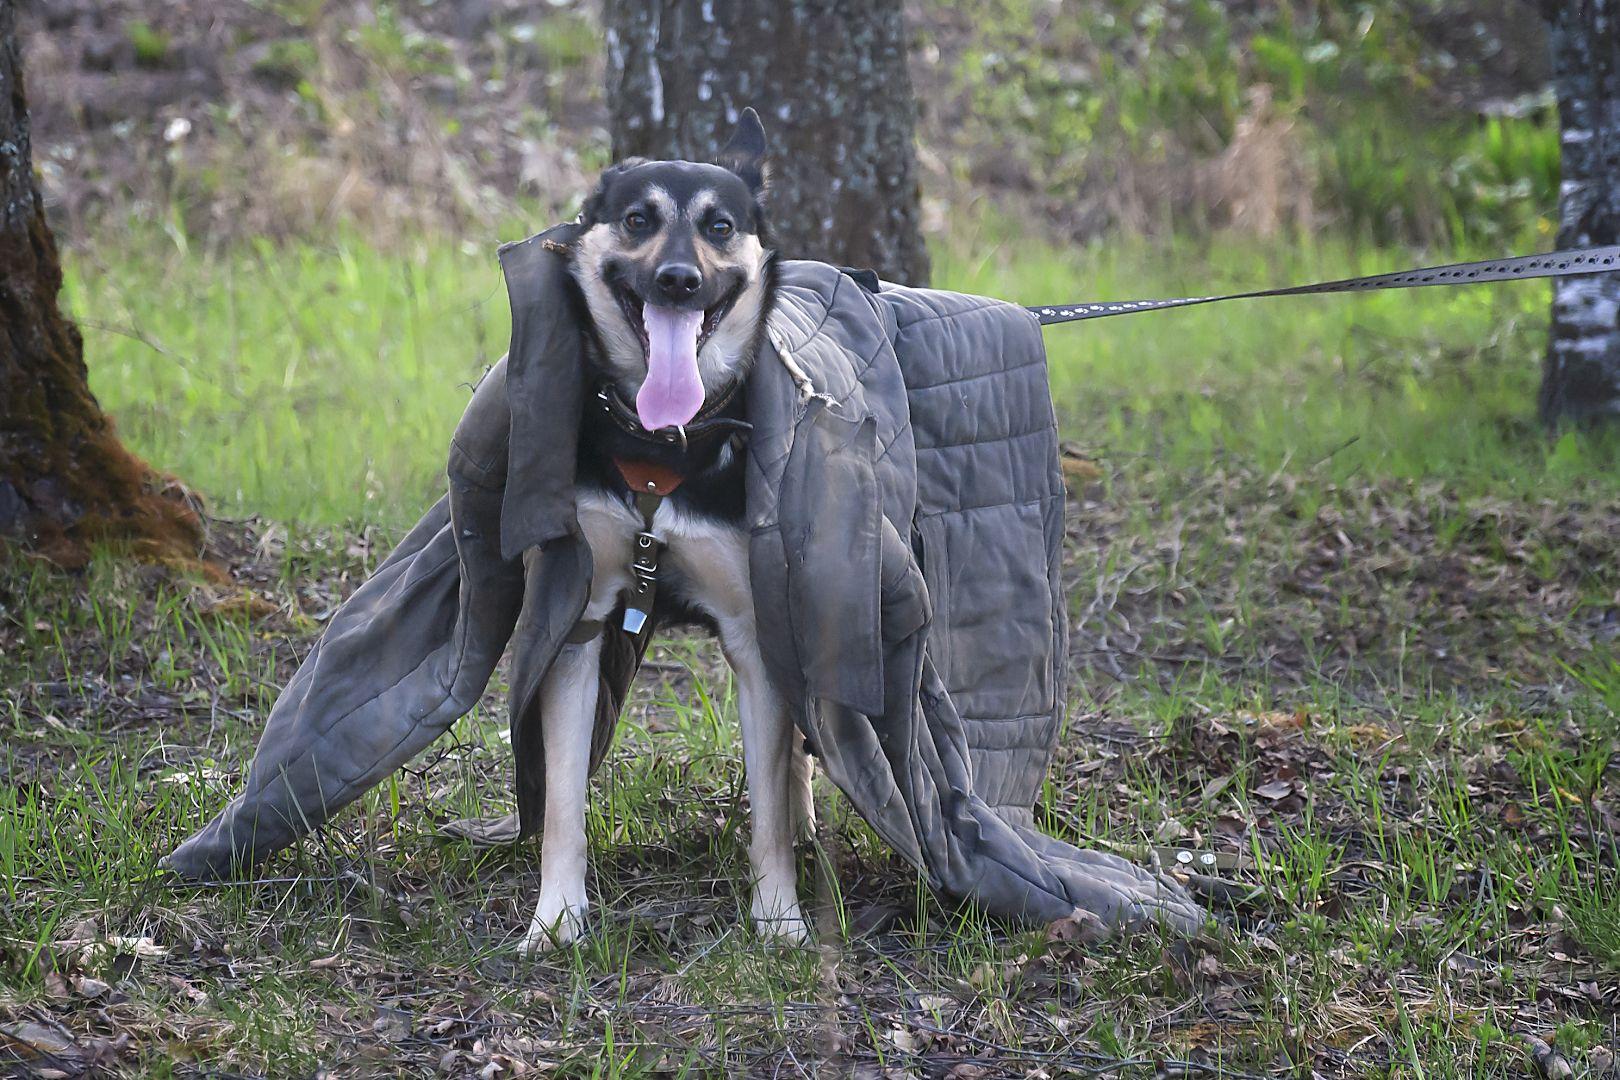 ЗКС (Защитно-караульная служба). ЗКС nikon d3000 собака телогрейка ватник